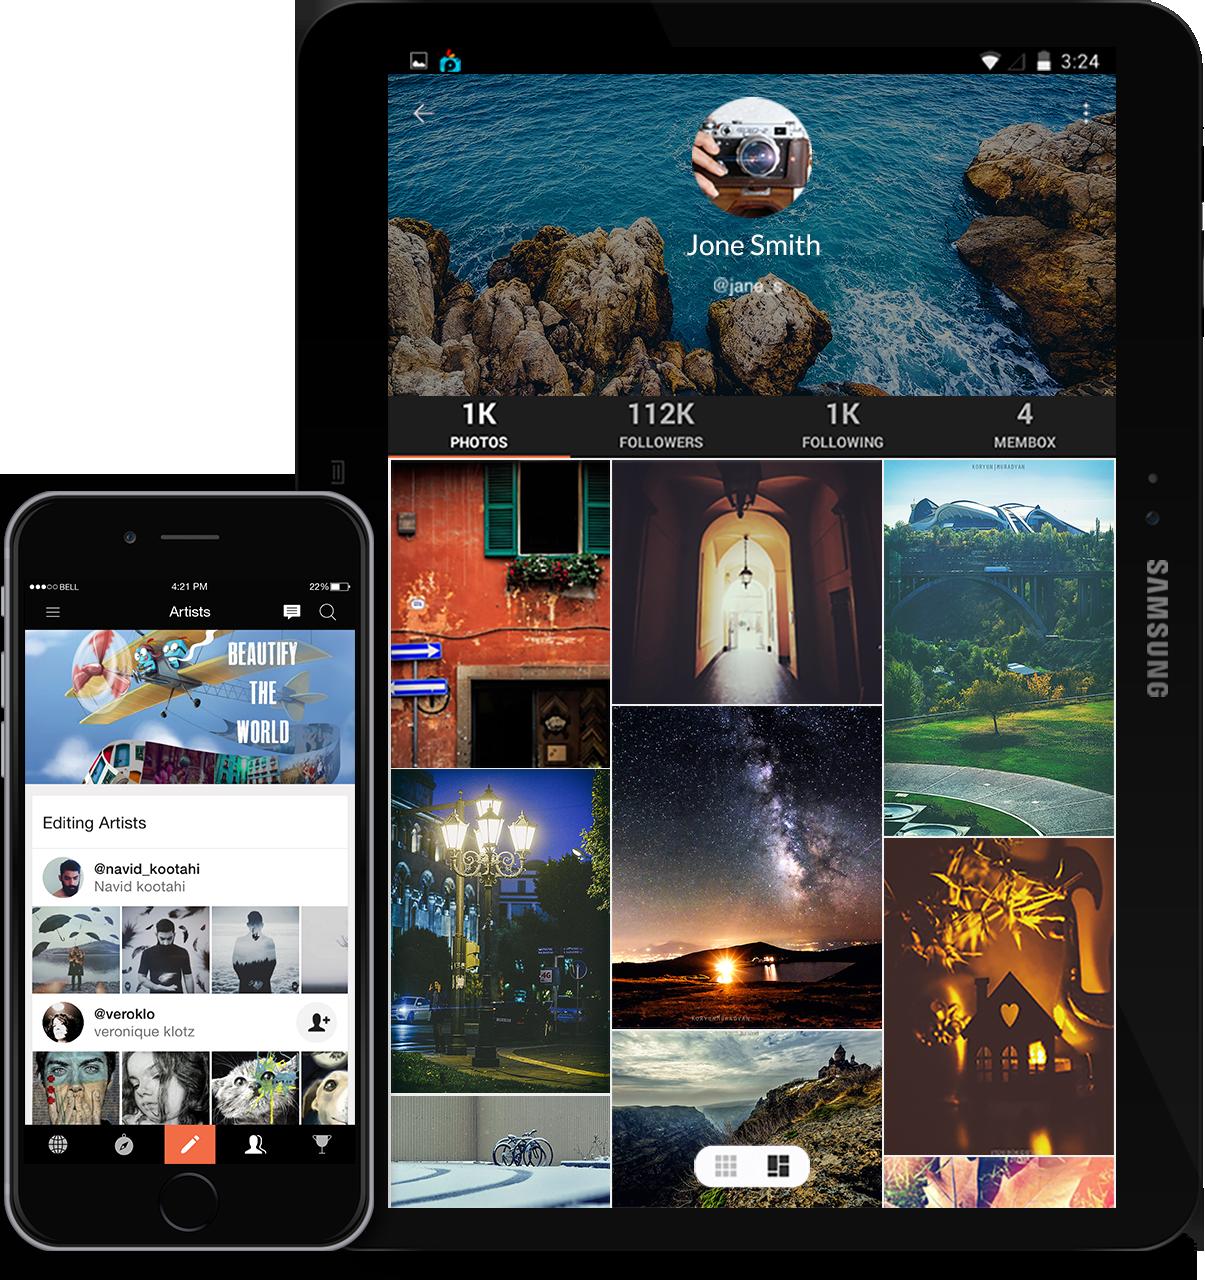 Picsart image editing mobile app